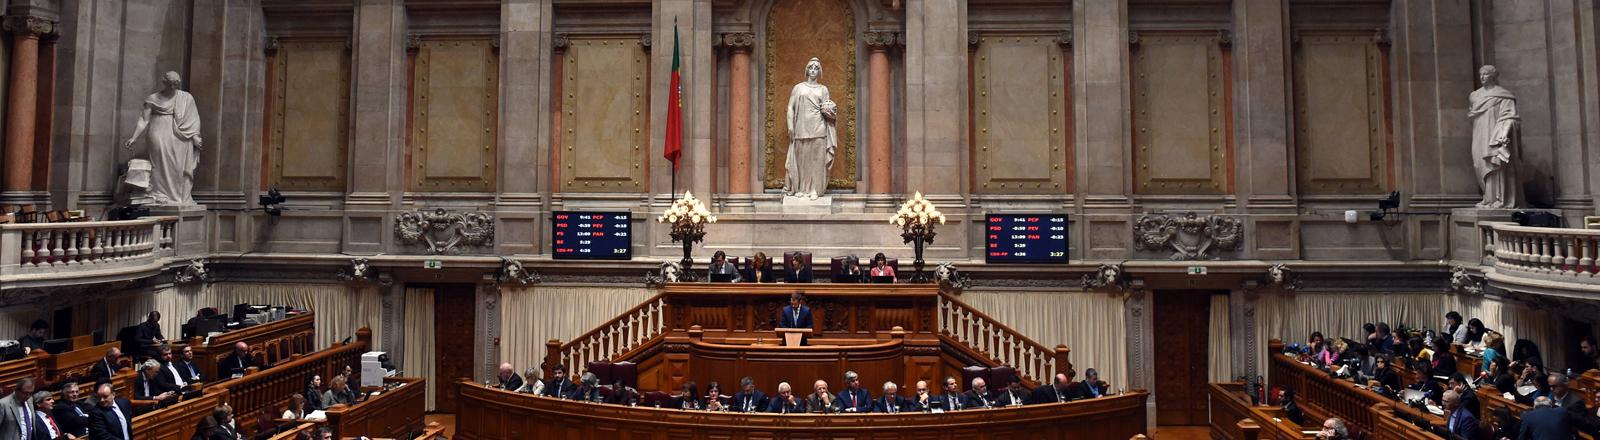 Portugiesisches Parlament in Lissabon